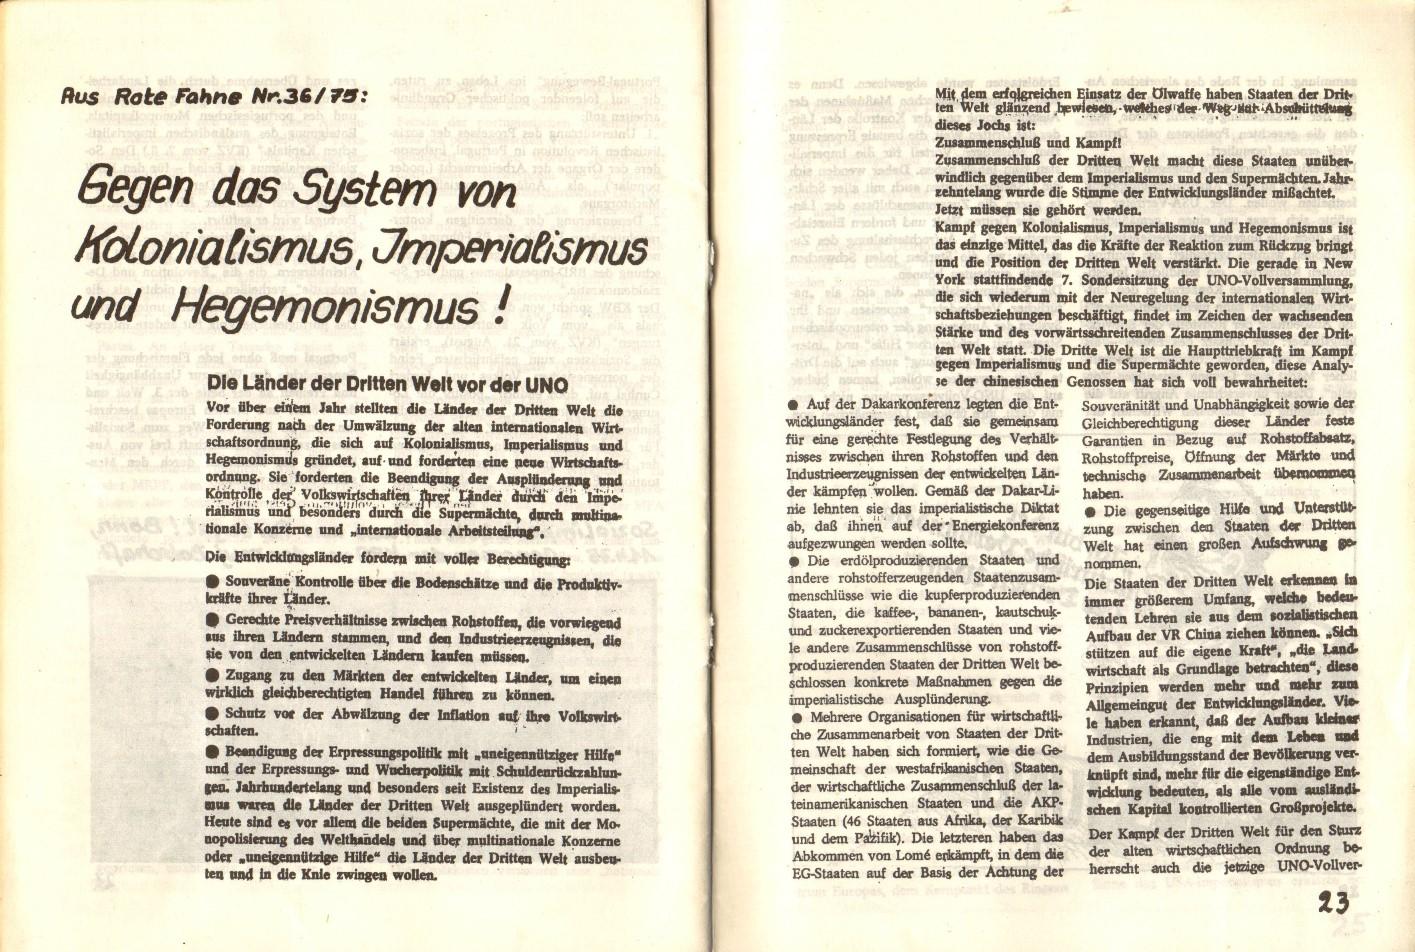 NRW_AO_1975_UZ_Sprachrohr_der_Kremlzaren_14